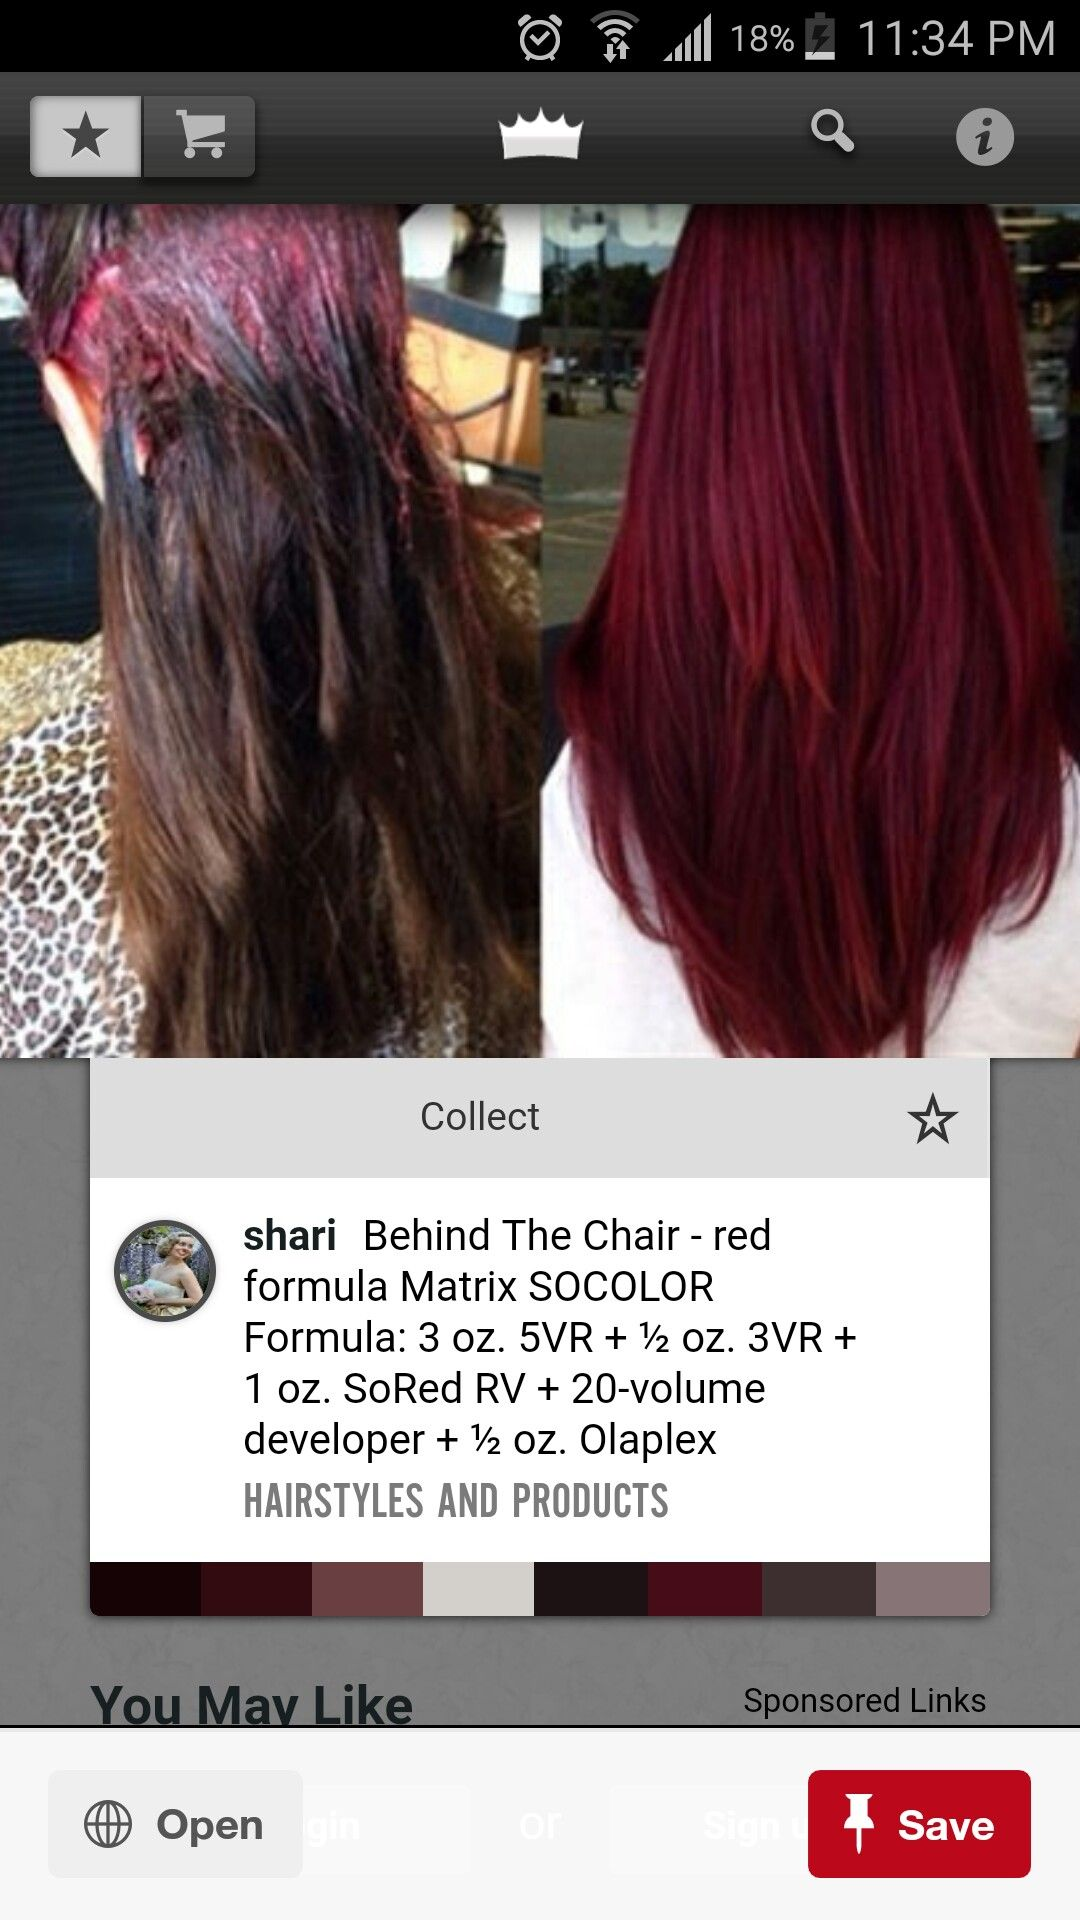 Matrix Formula With Images Hair Color Formulas Hair Color